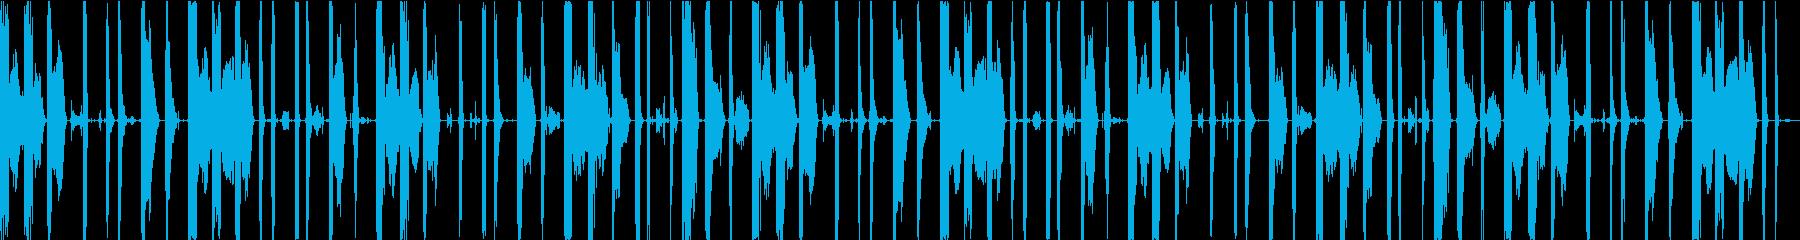 ボイスパーカッション・ビートボックス_5の再生済みの波形